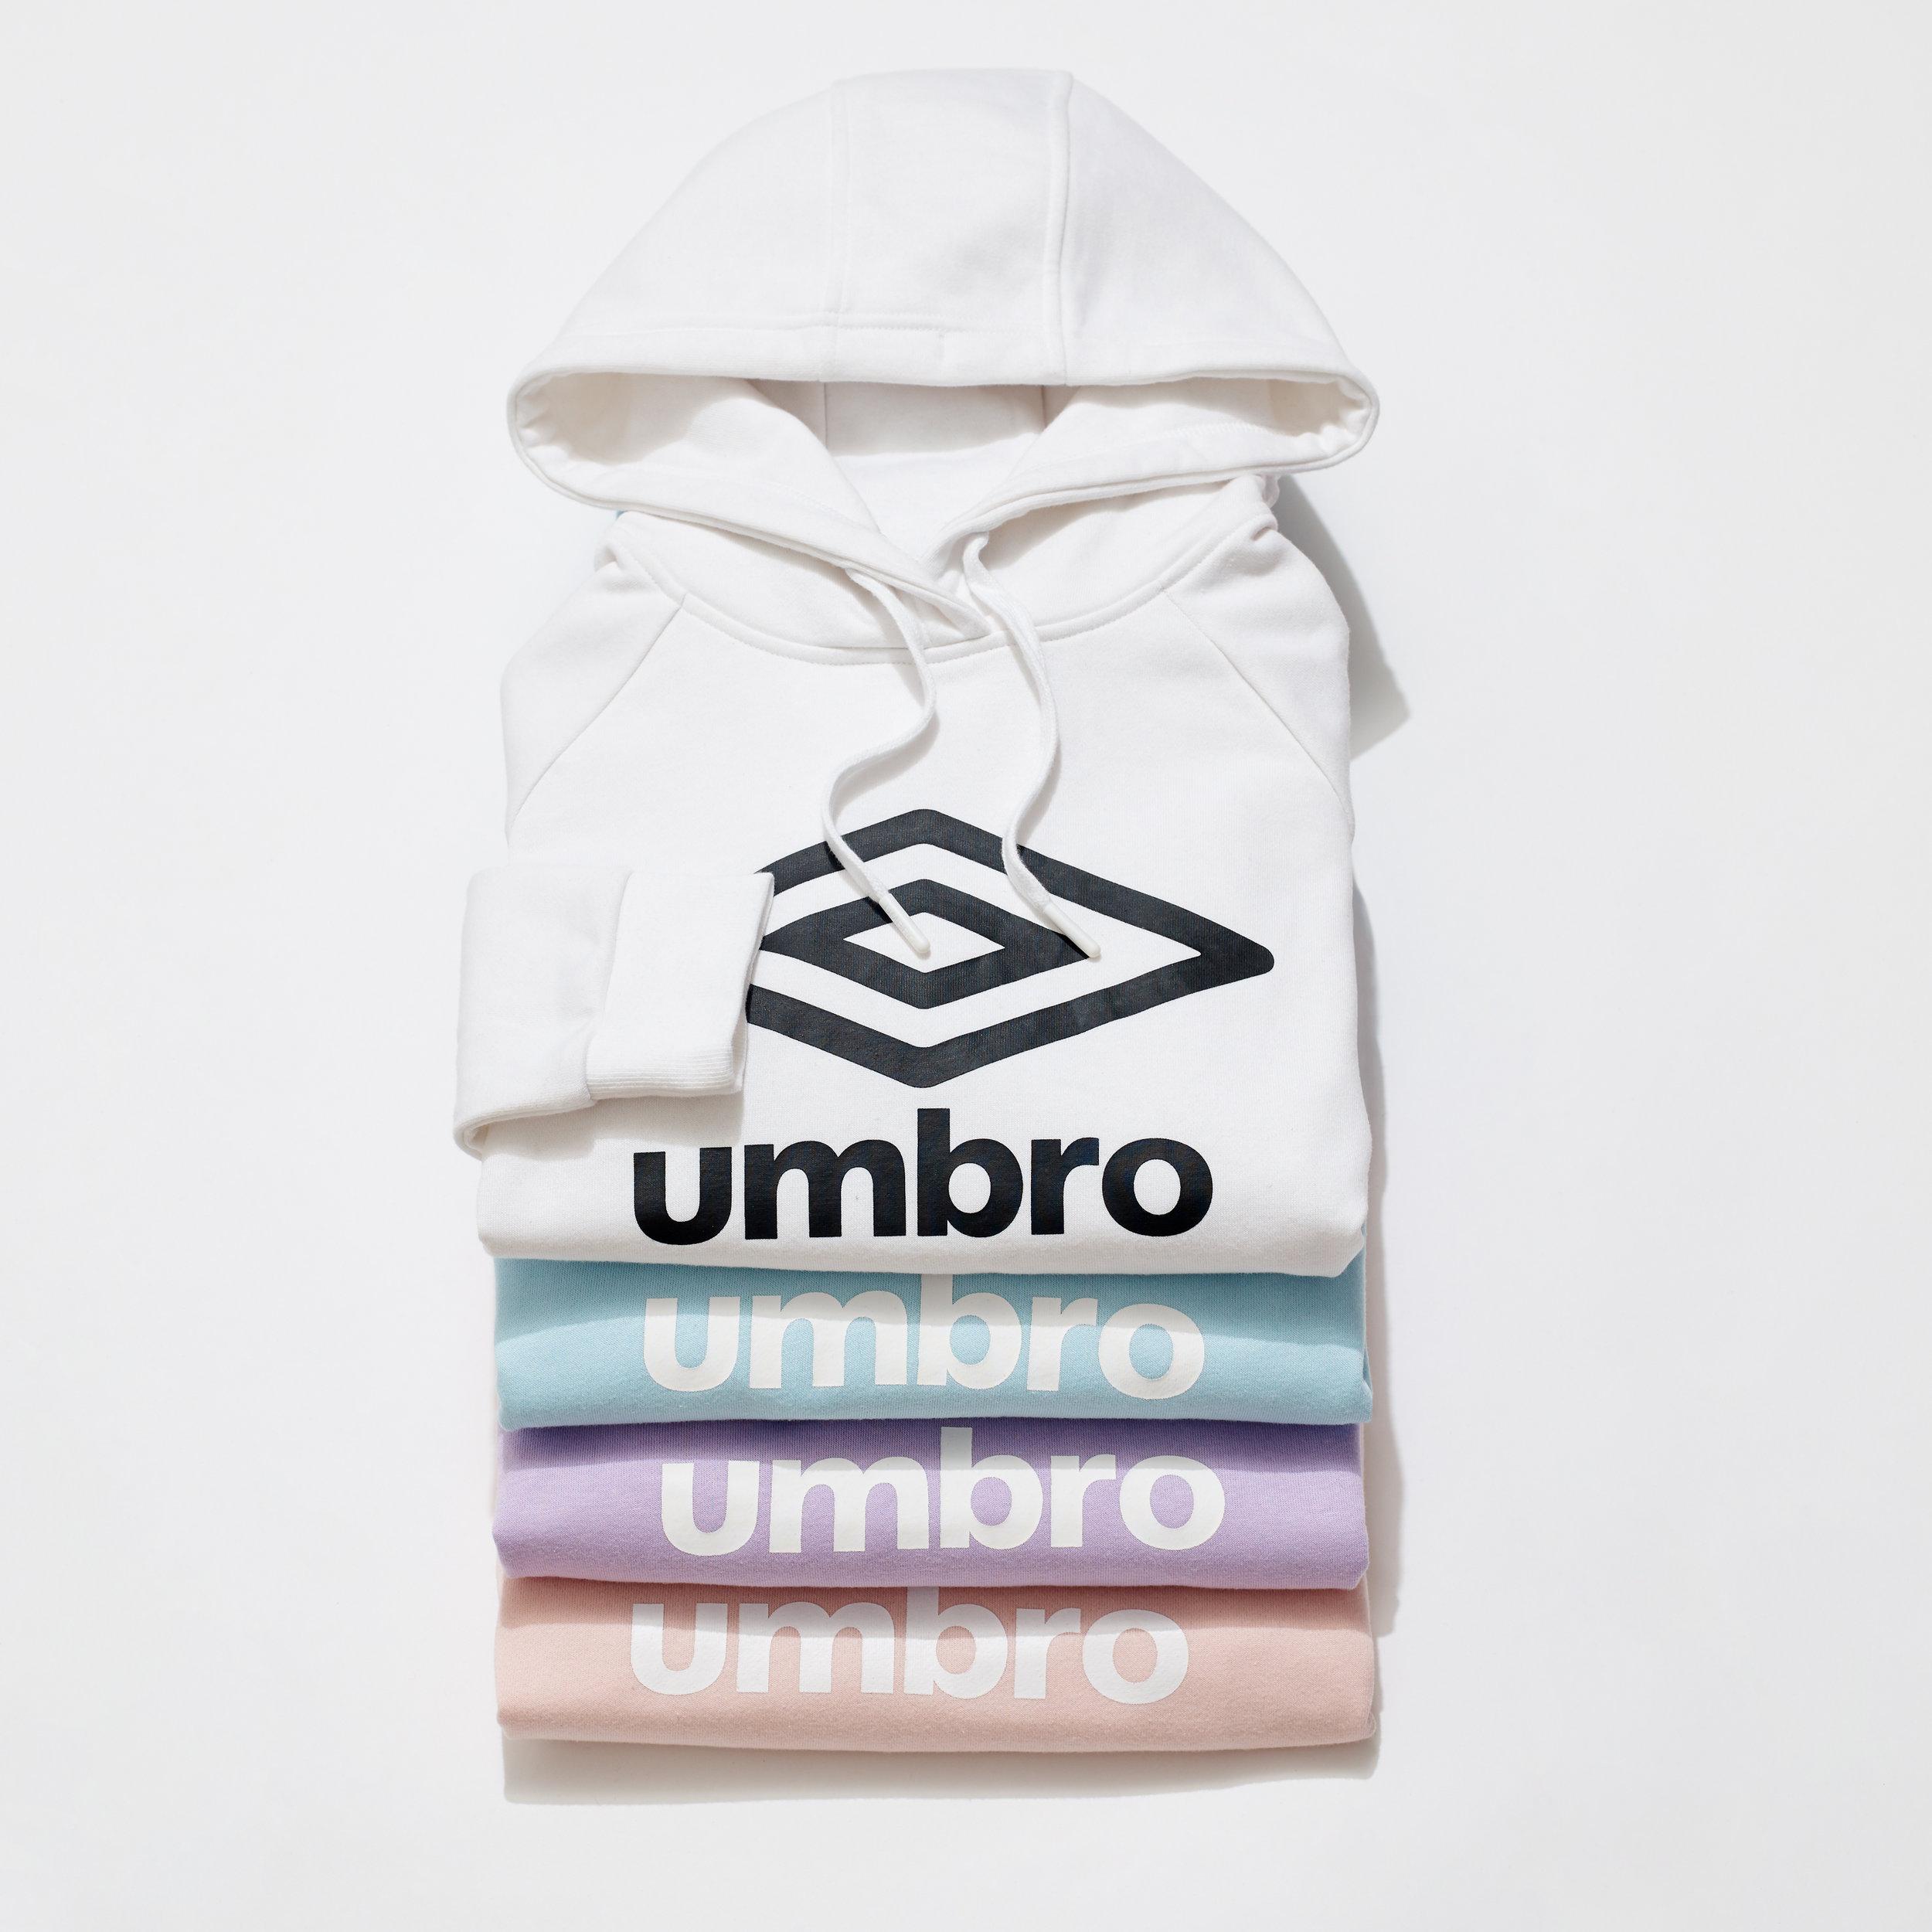 S19_WMS_Umbro_Sweatshirt_Stack_0069 copy.jpg